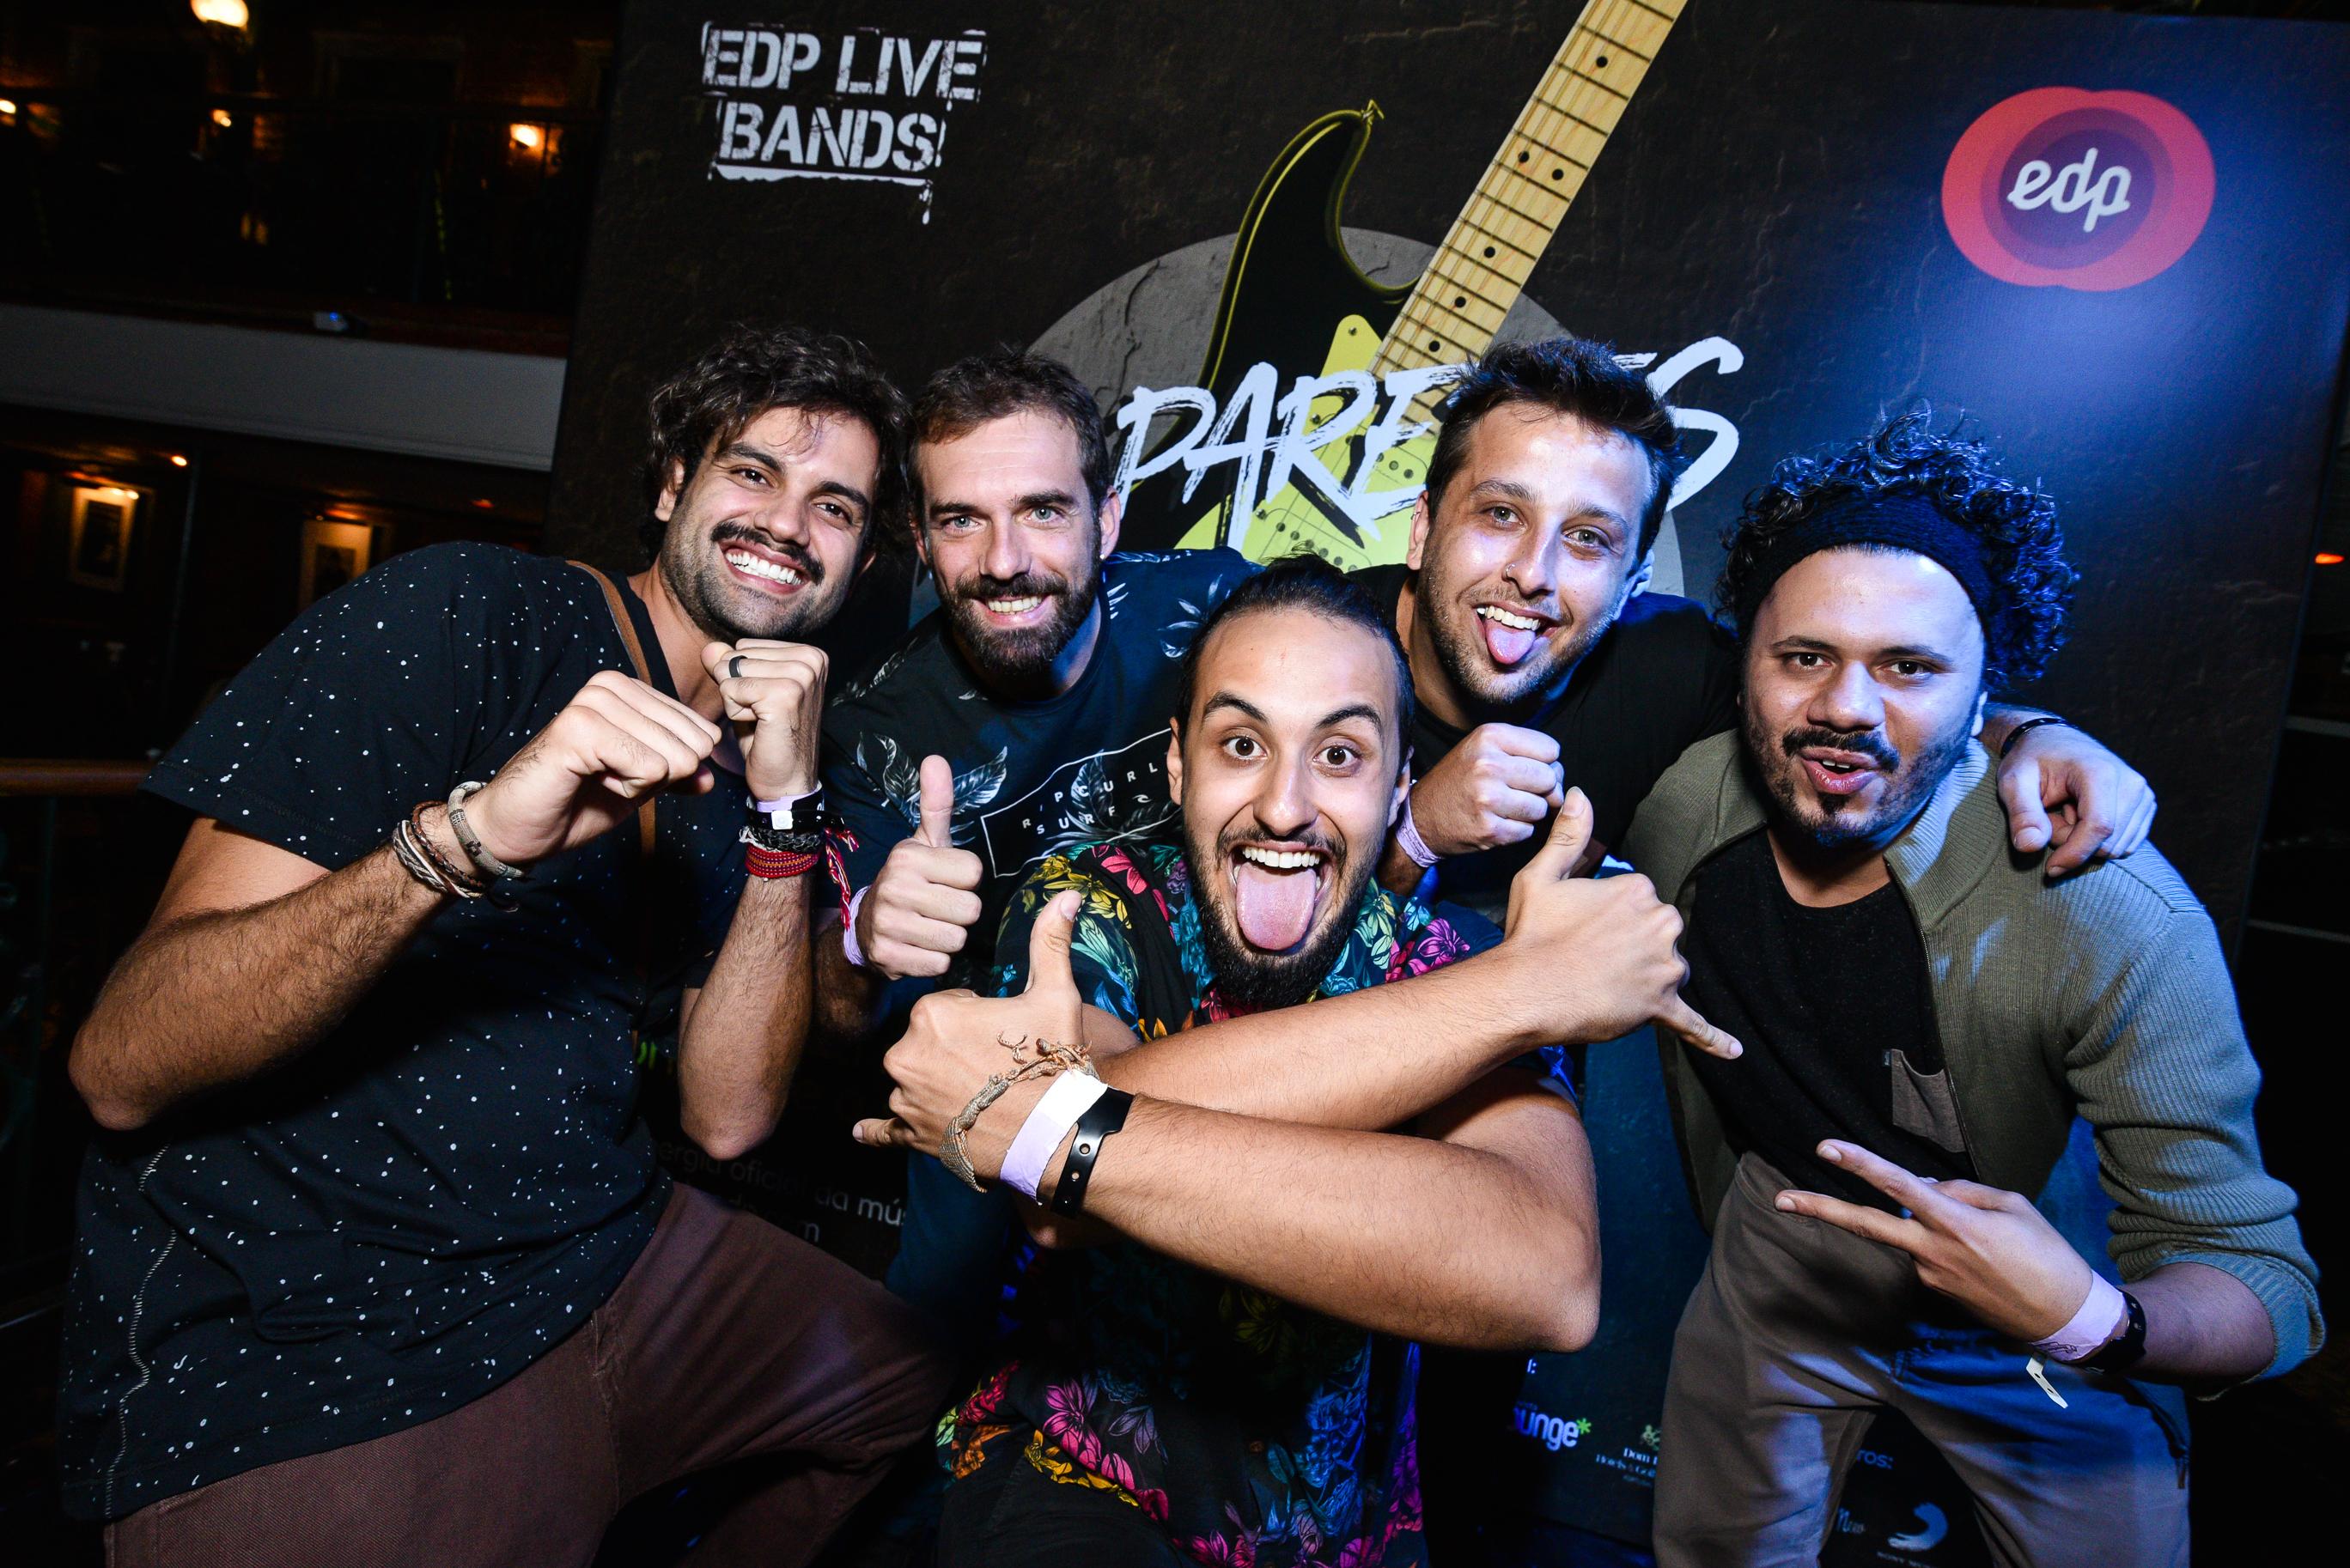 c102abec7 Banda de Juiz de Fora, Minas Gerais, terá a oportunidade de gravar um álbum  com a Sony Music e tocar no NOS Alive´19, um dos maiores festivais da Europa